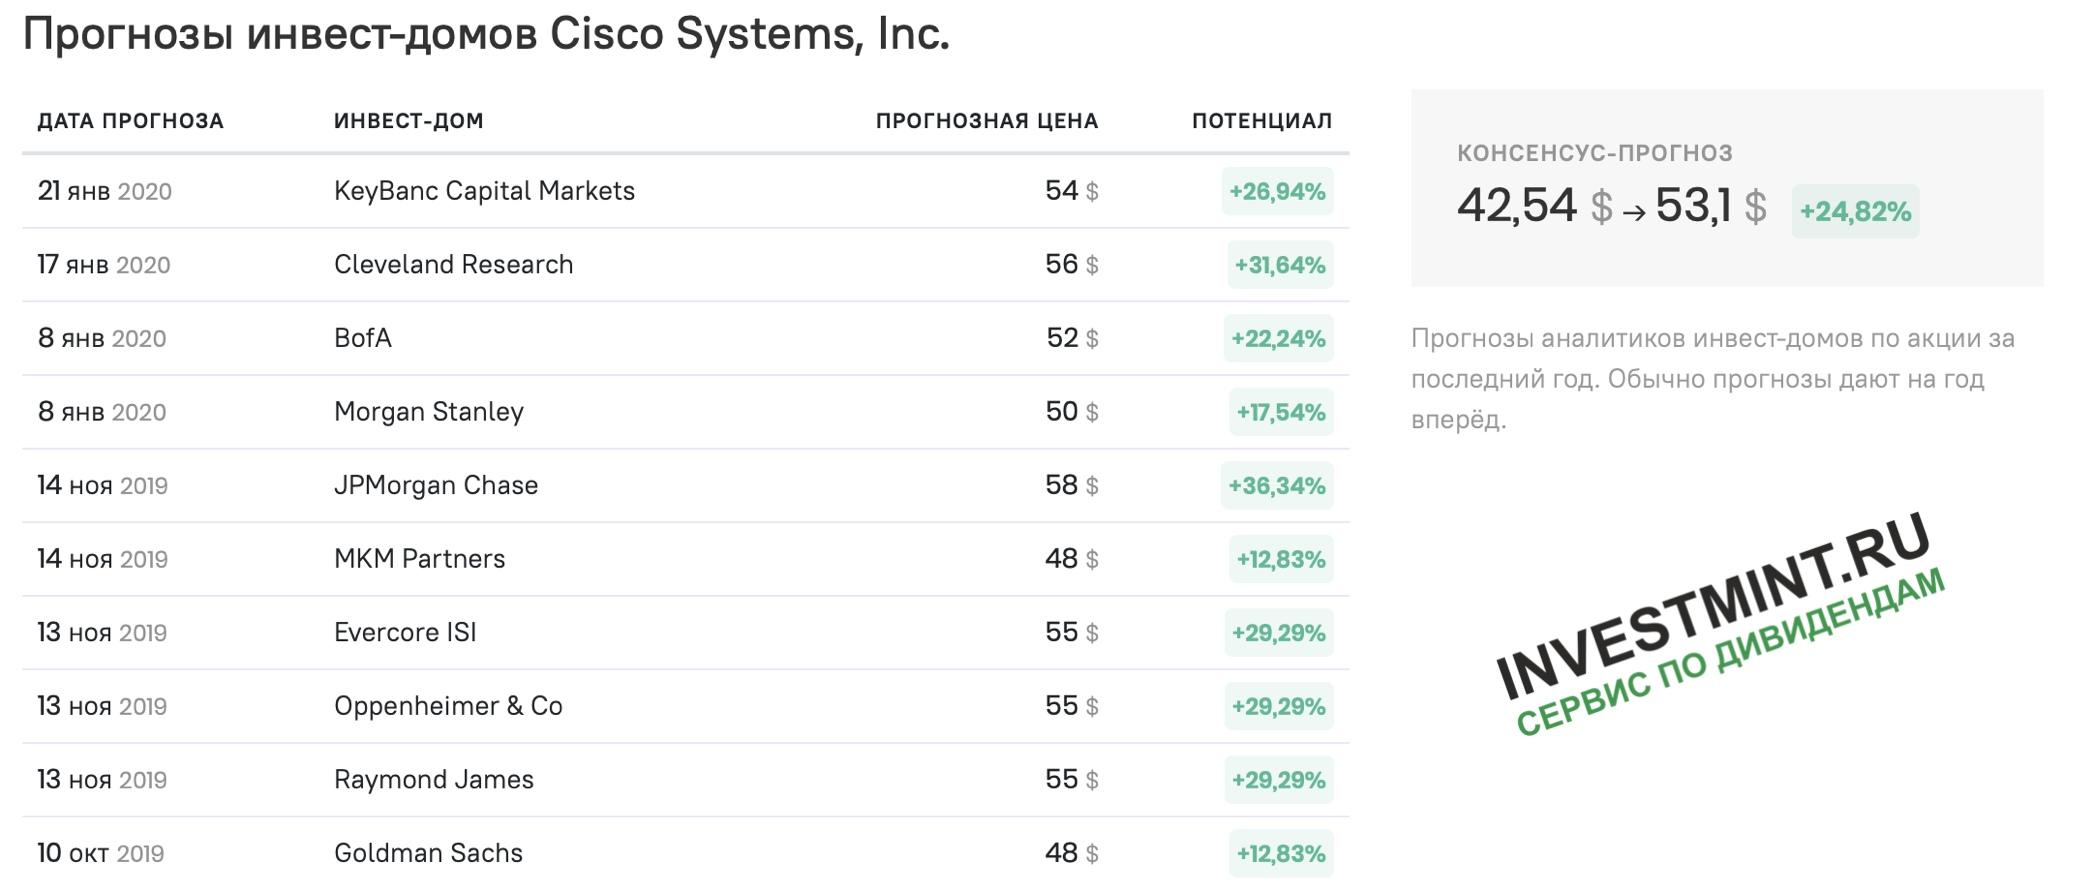 CISCO - полный разбор компании + SWOT-анализ, изображение №10